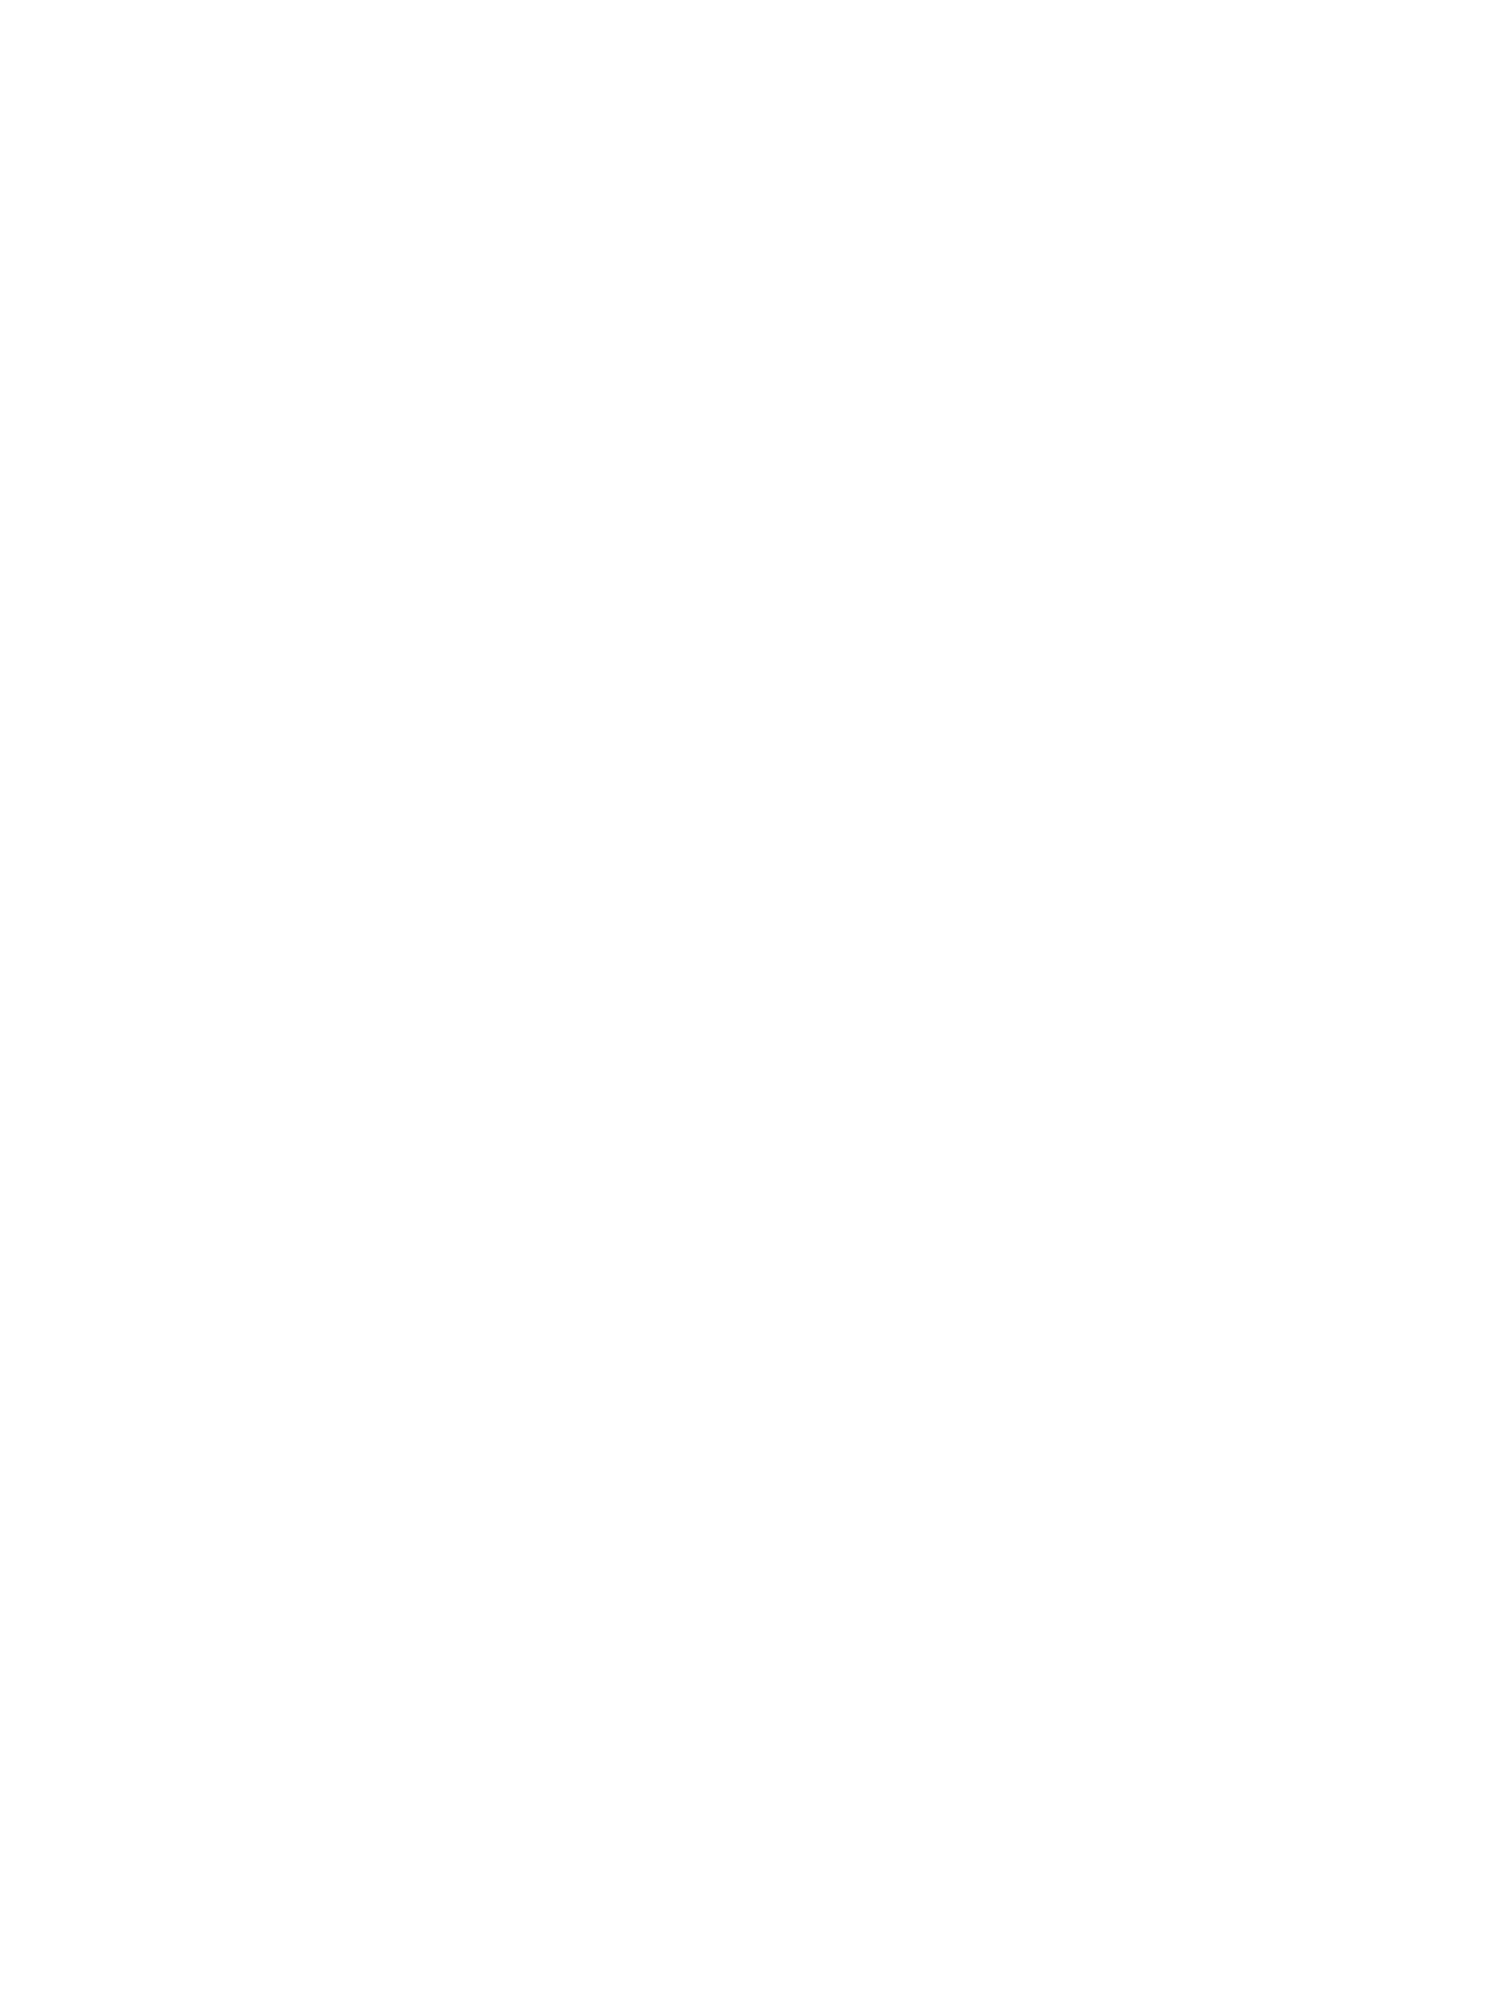 En Mexico celebramos la comida mexicana HRoof Moonlight